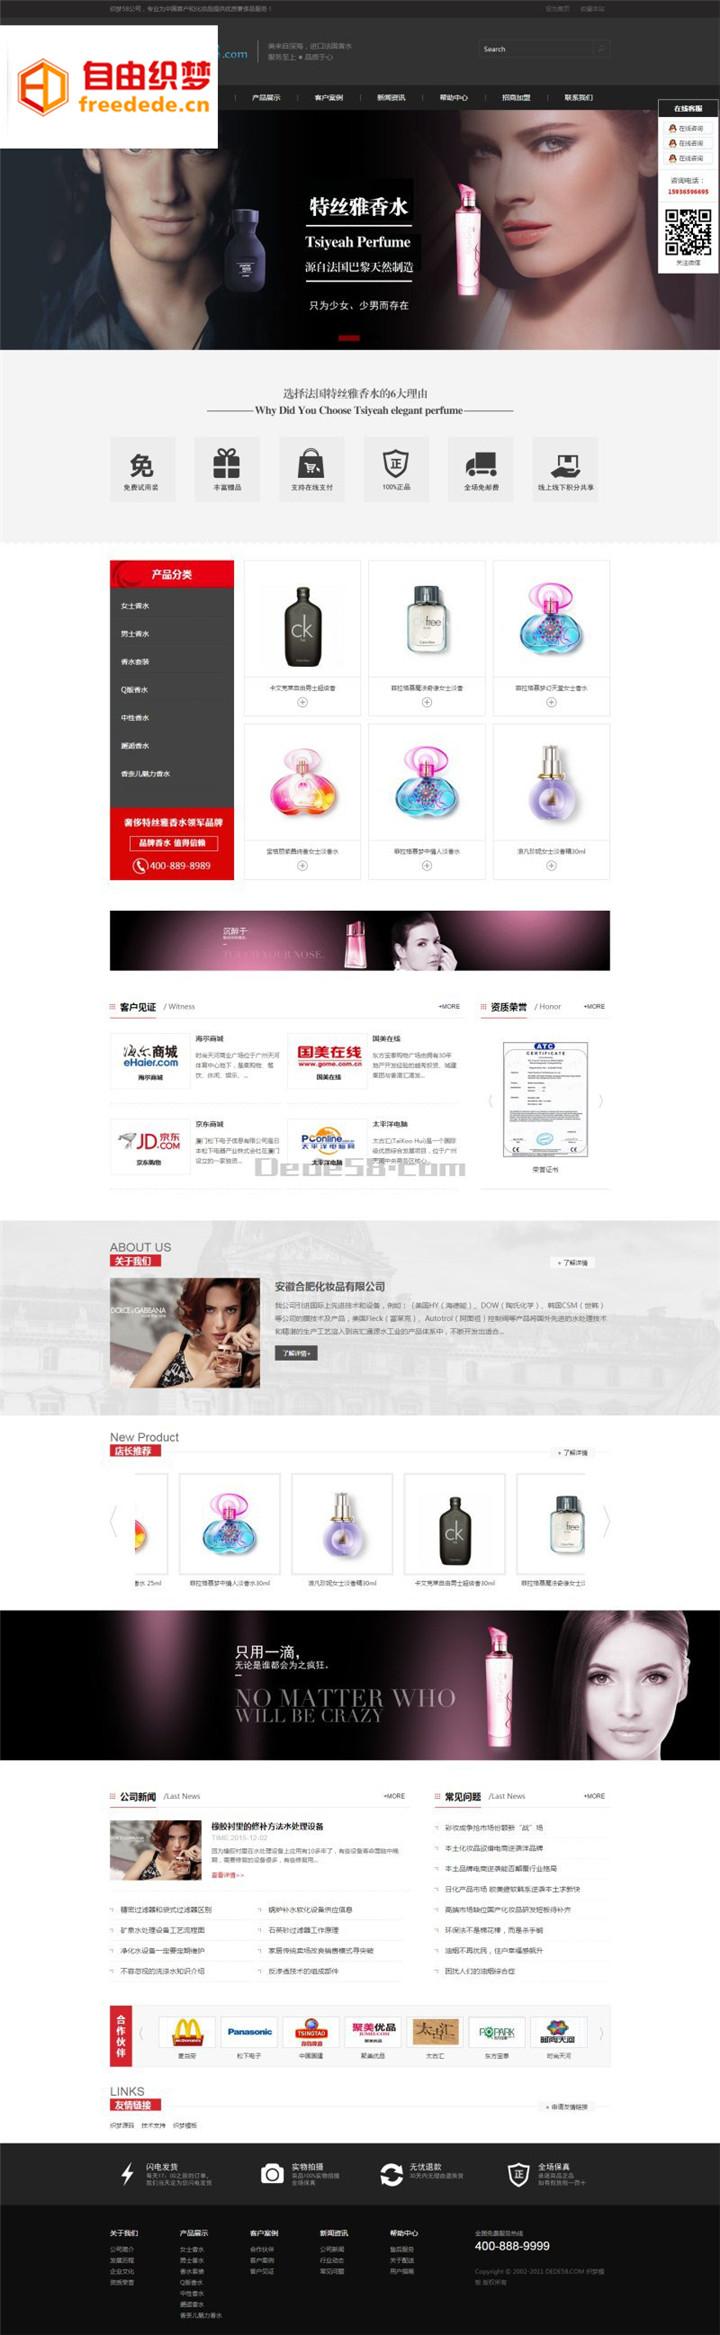 爱上源码网文章黑色化妆品类企业网站织梦模板营销型整站源码下载的内容插图